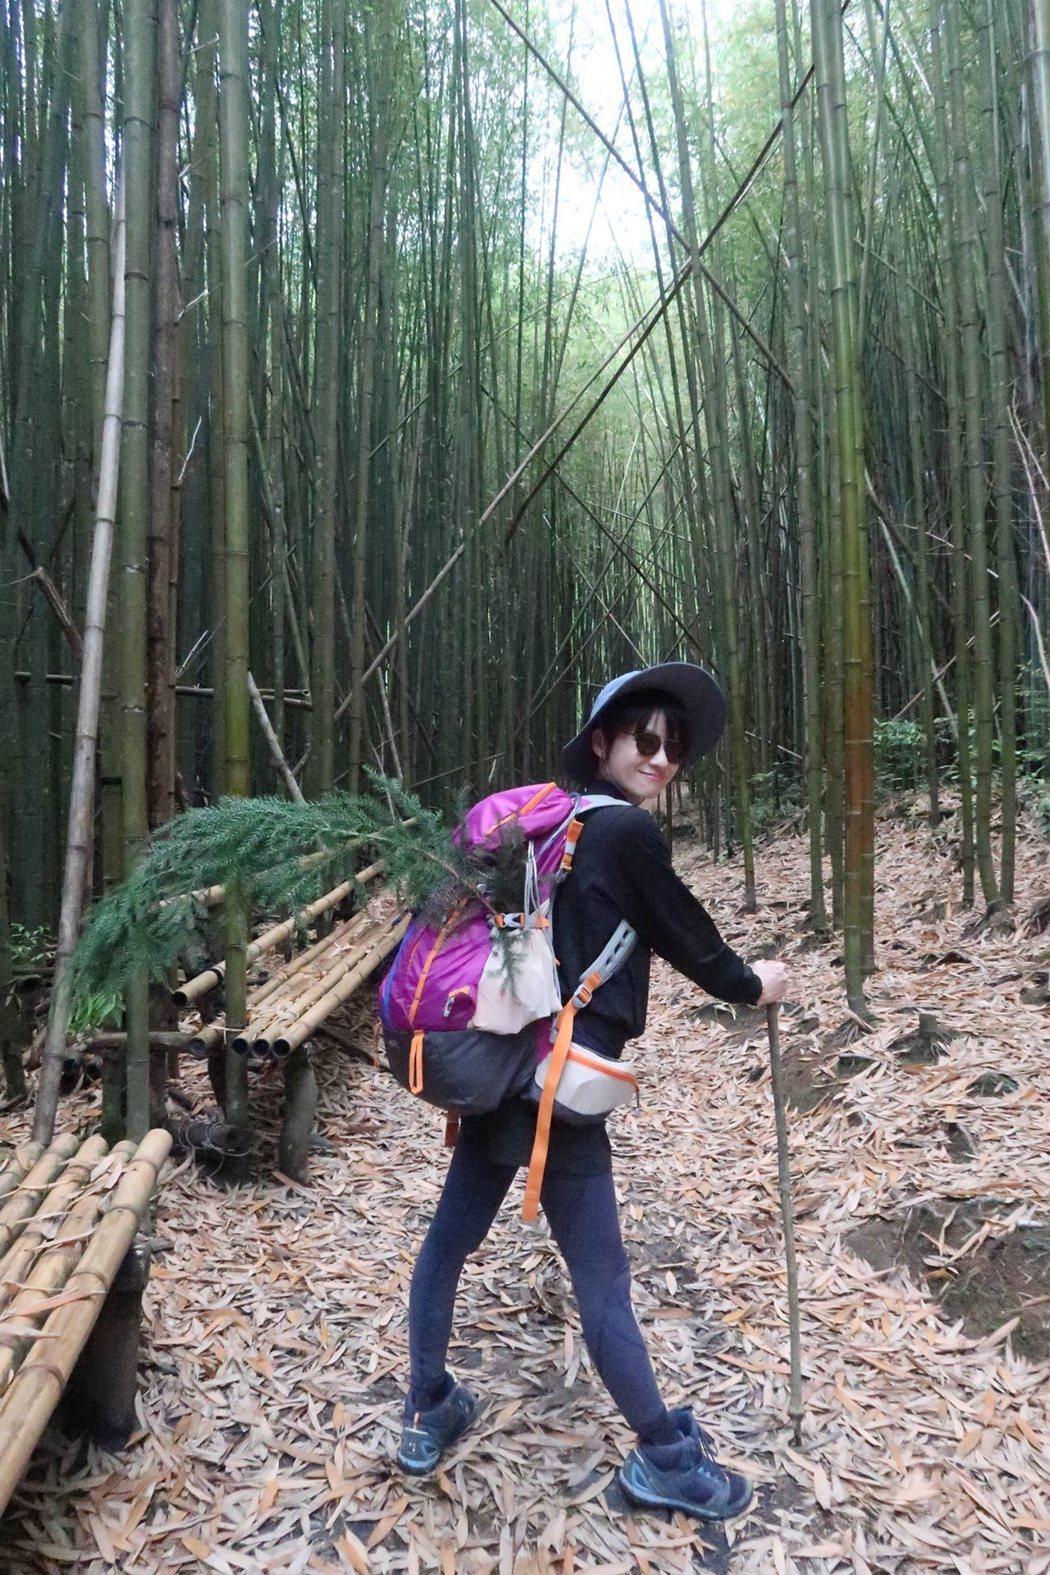 連俞涵帥氣展示登山配備,登山杖是登山時檢的樹枝。圖/凱特文化提供